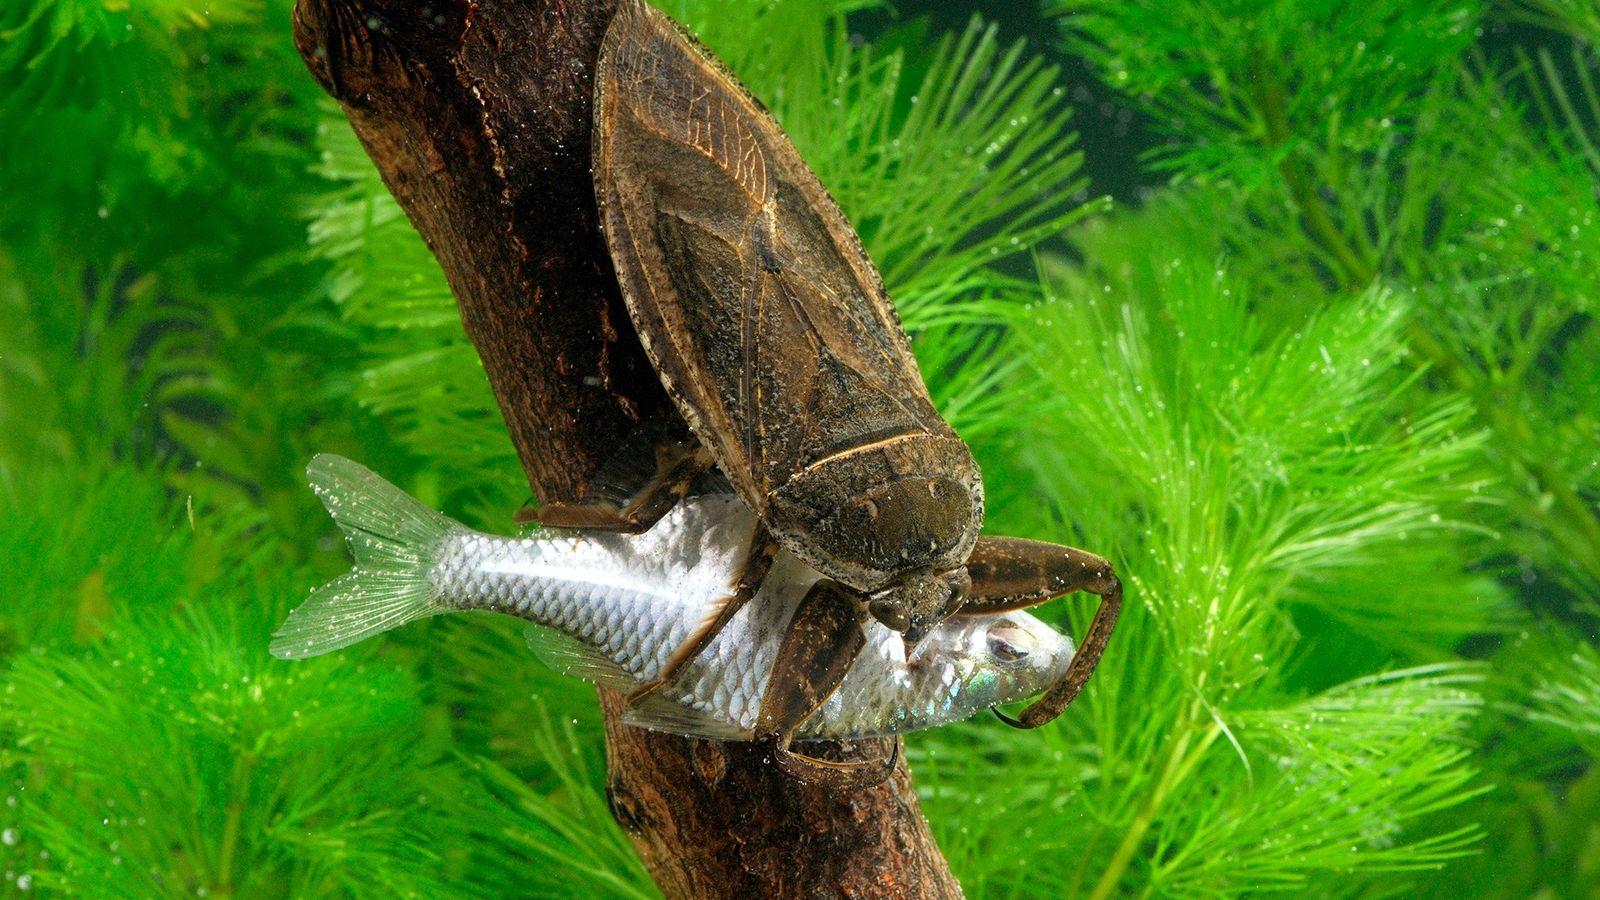 Uma barata-d'água, Lethocerus deyrollei, ataca um peixe em Saitama, Japão.